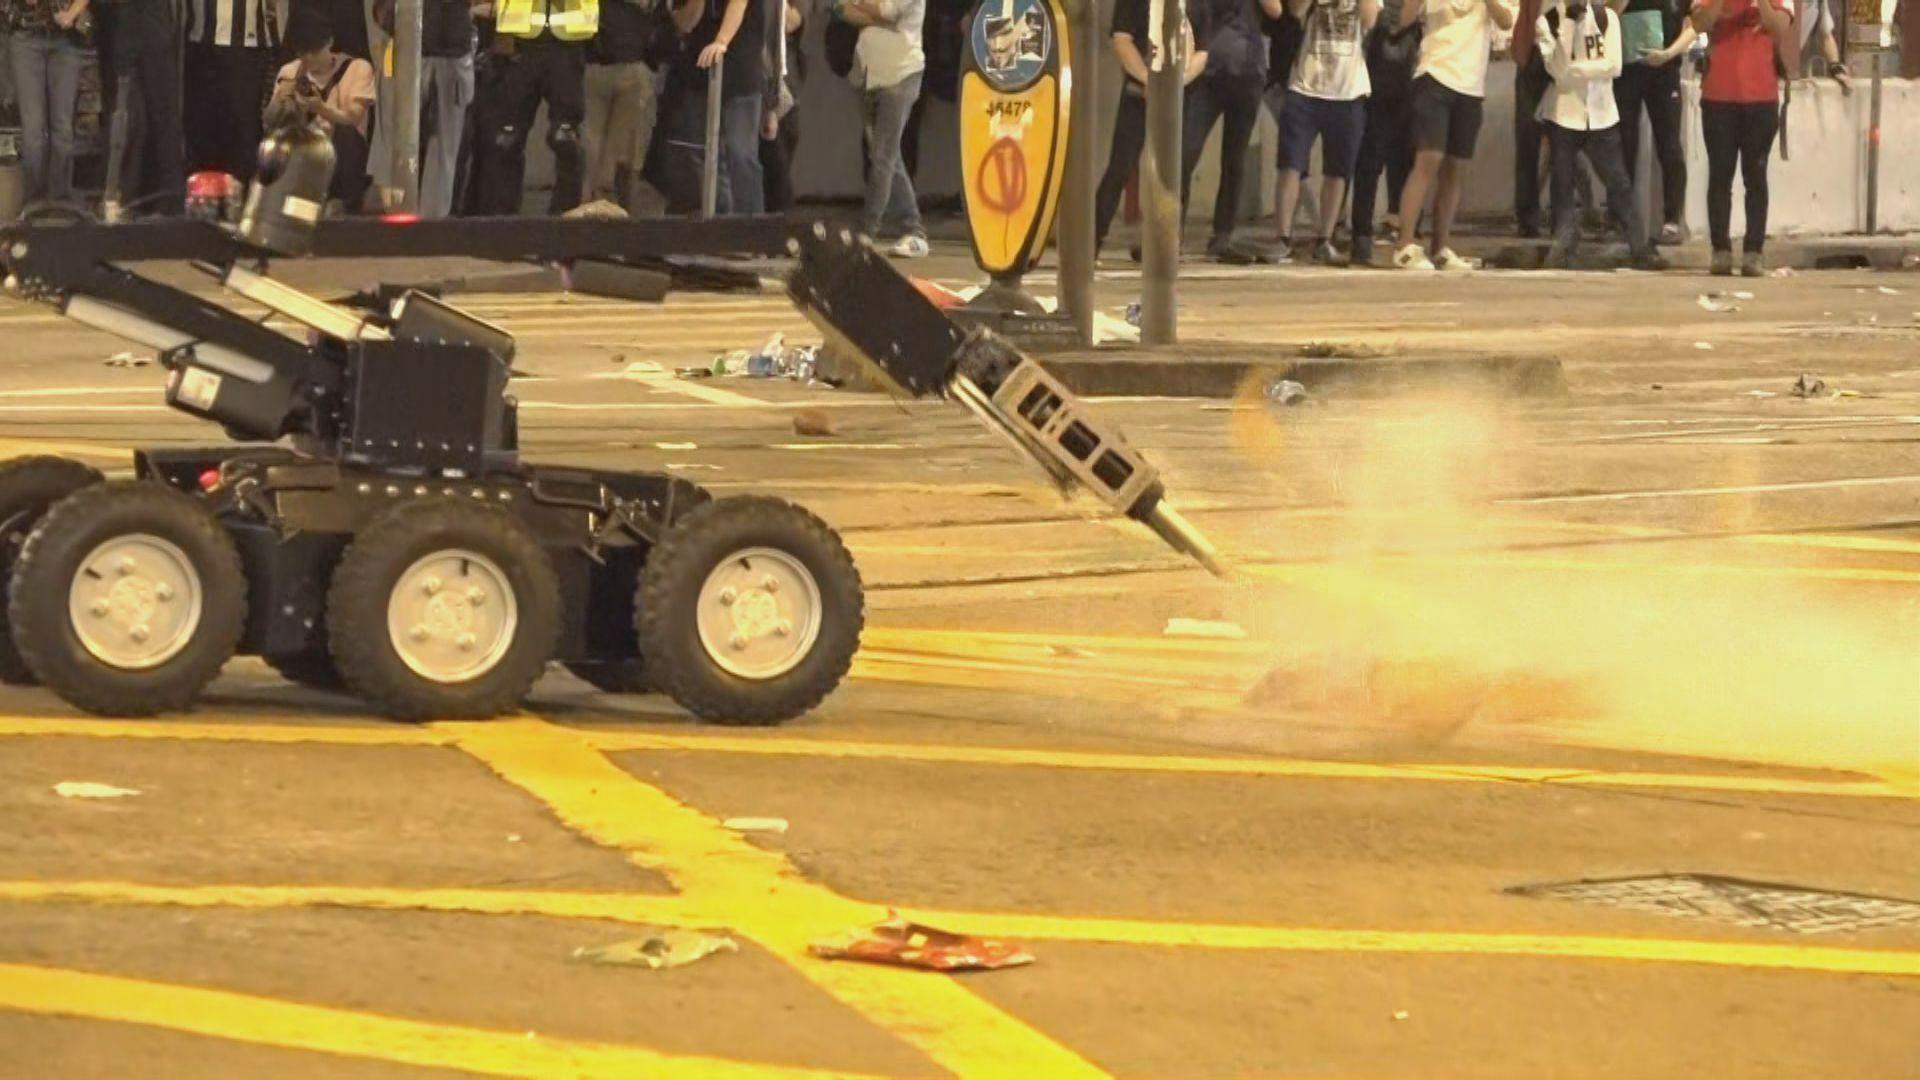 警員波斯富街發現懷疑爆炸品 出動炸彈處理